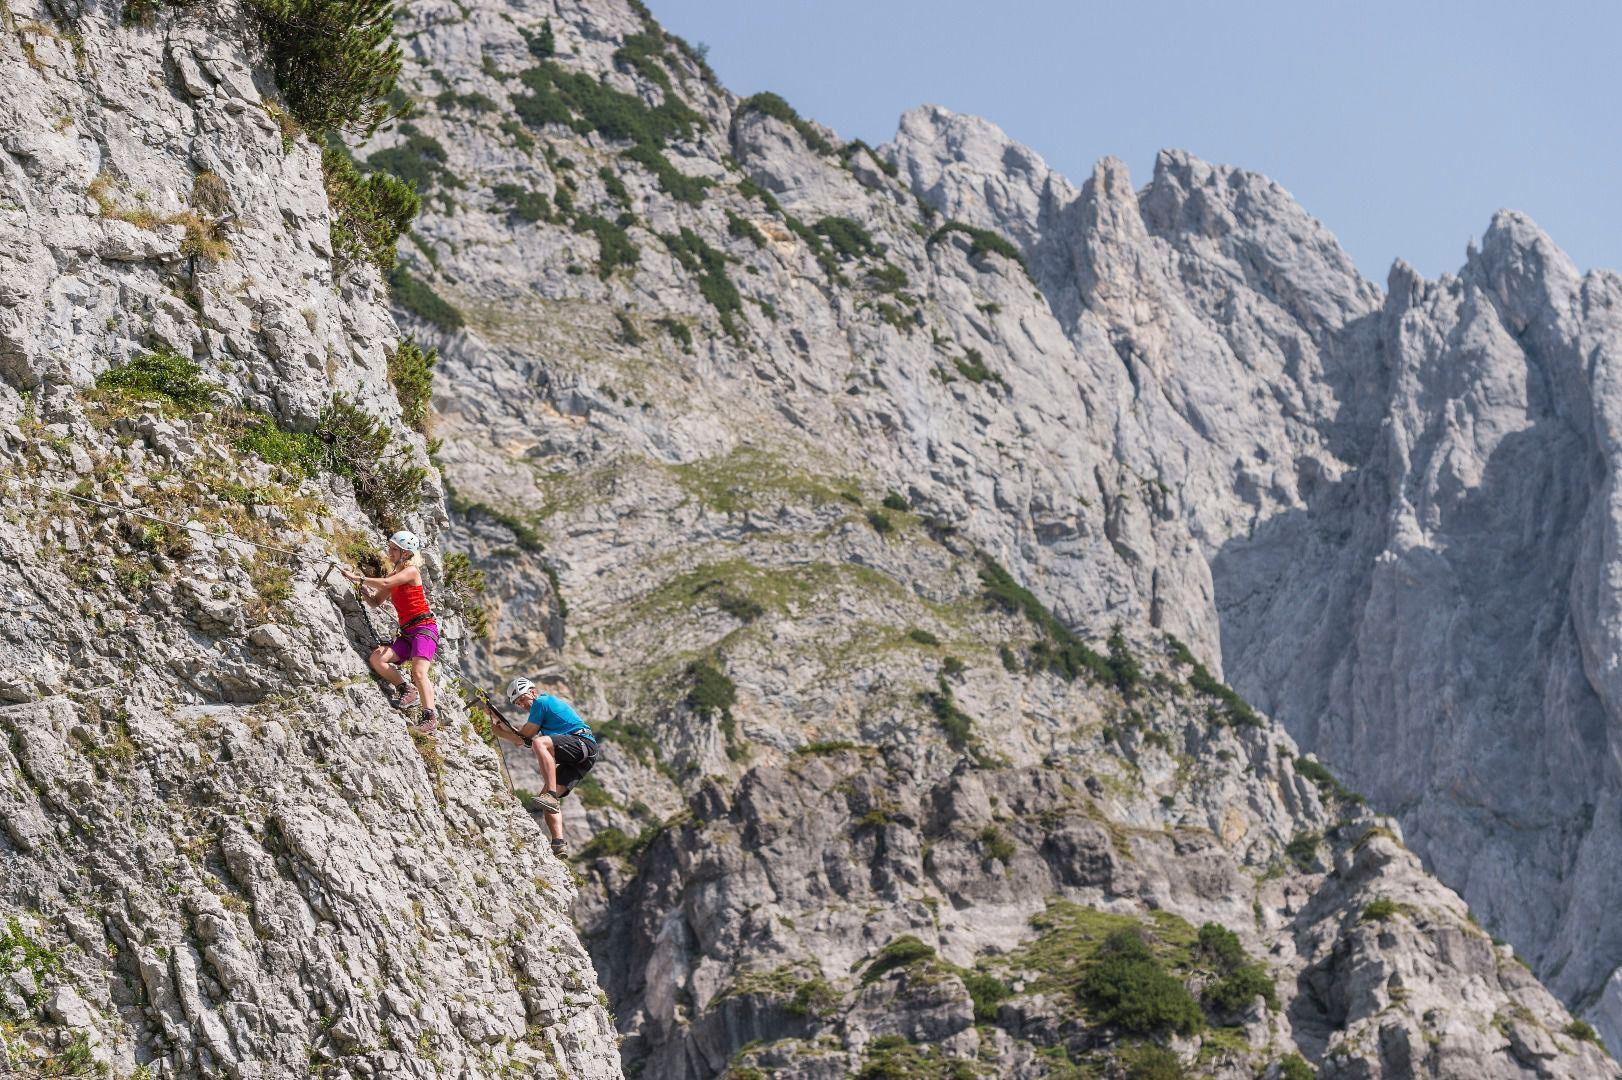 Klettersteig Zauchensee : Klettersteige chiemsee alpenland tourismus